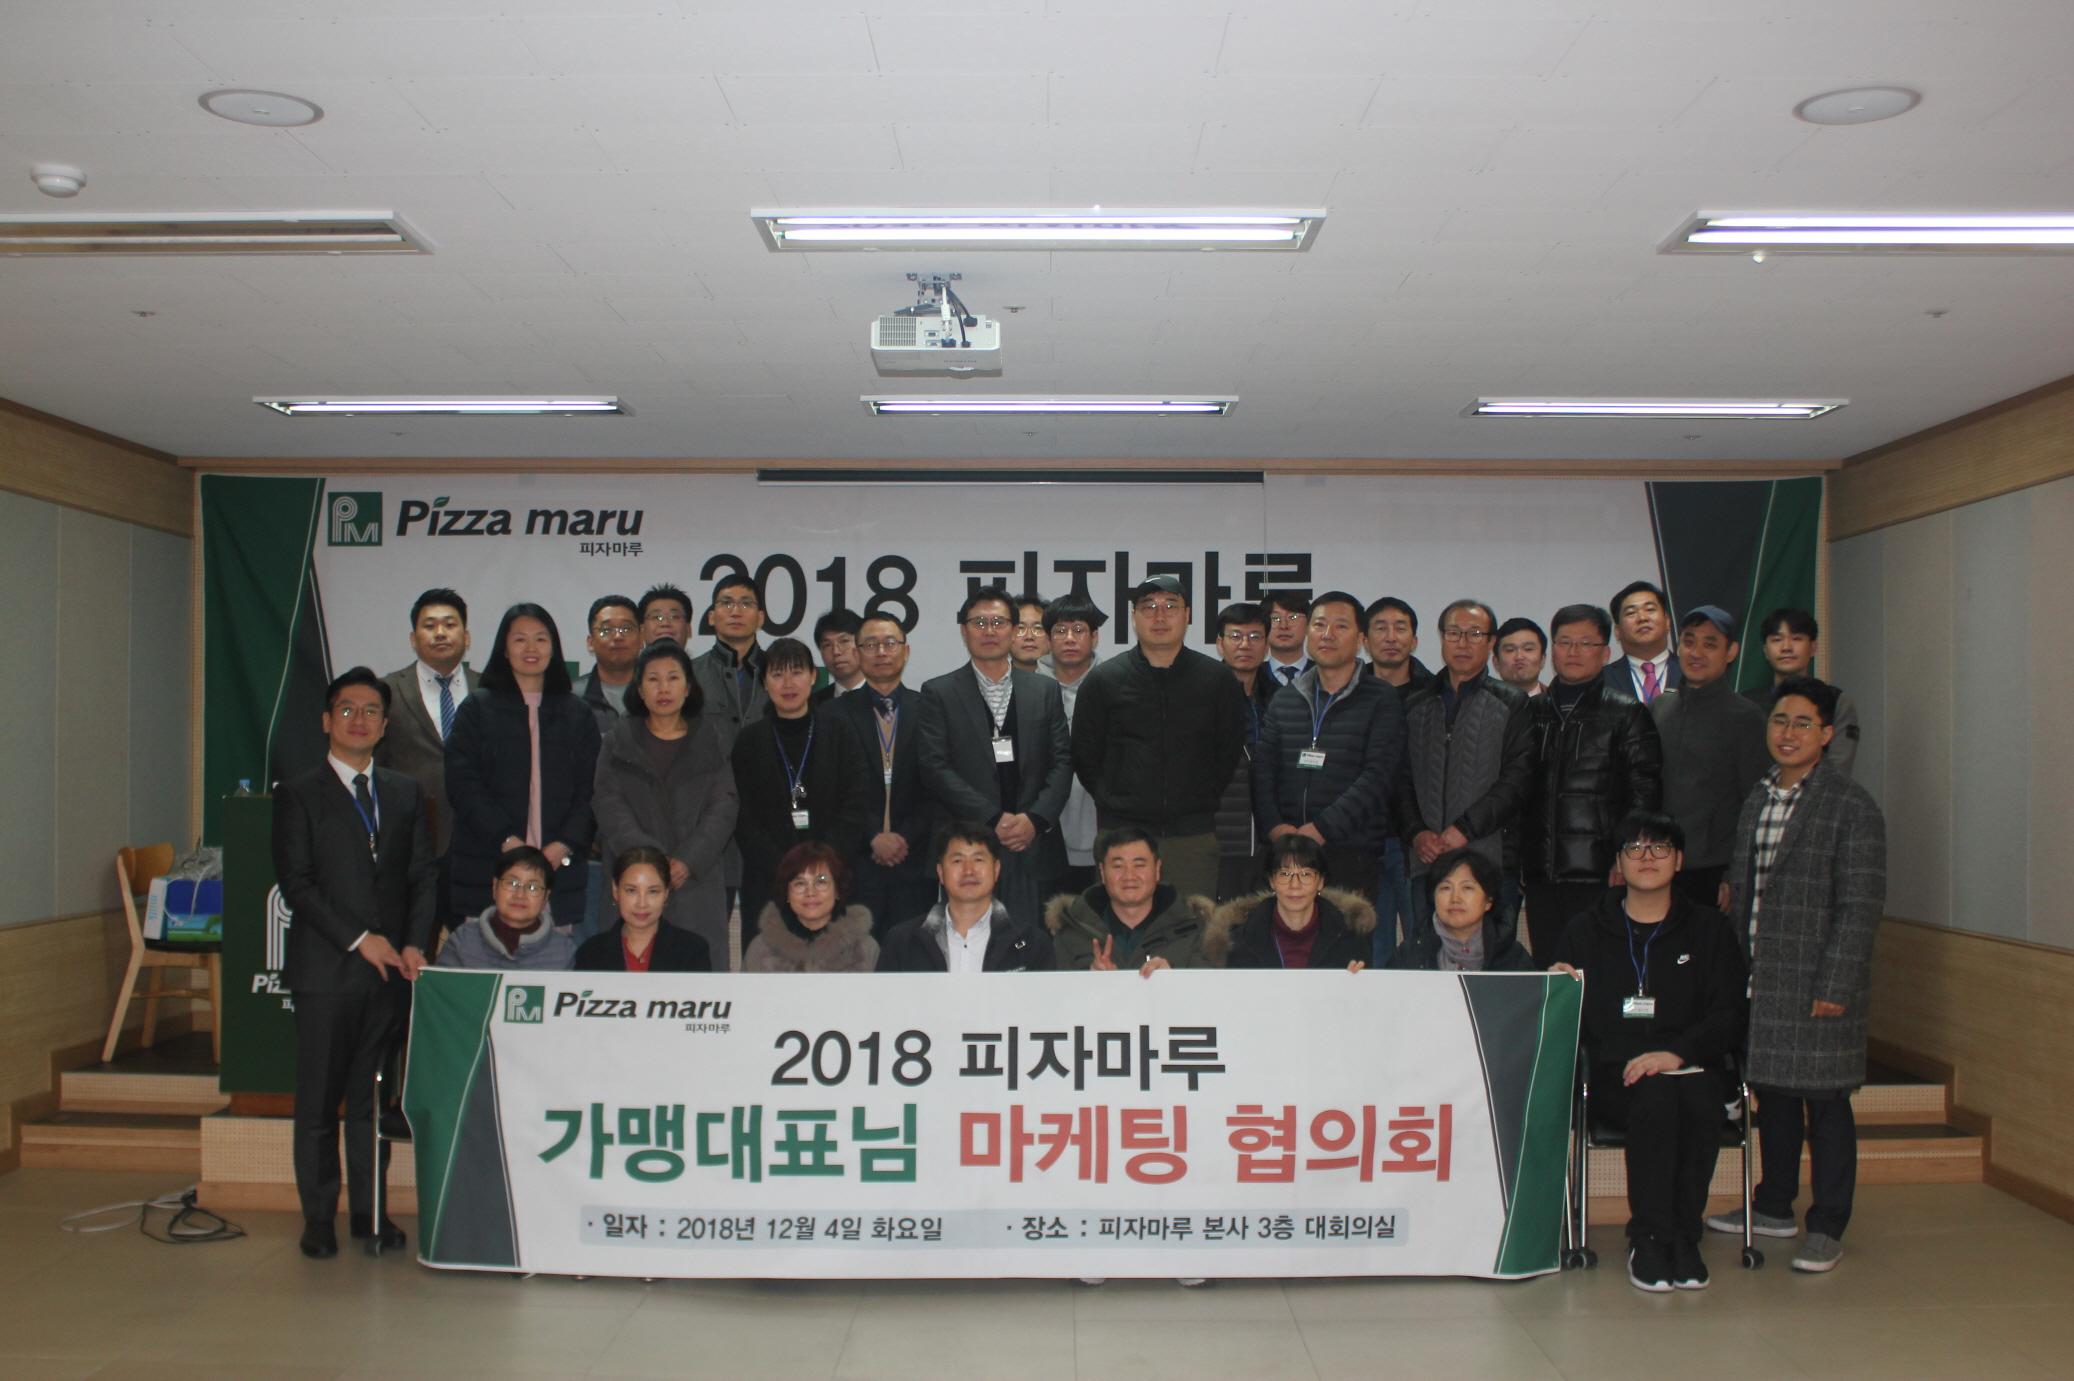 [크기변환][사진자료] 피자마루, 2019년 연간계획수립 위한 마케팅협의회 개최.JPG